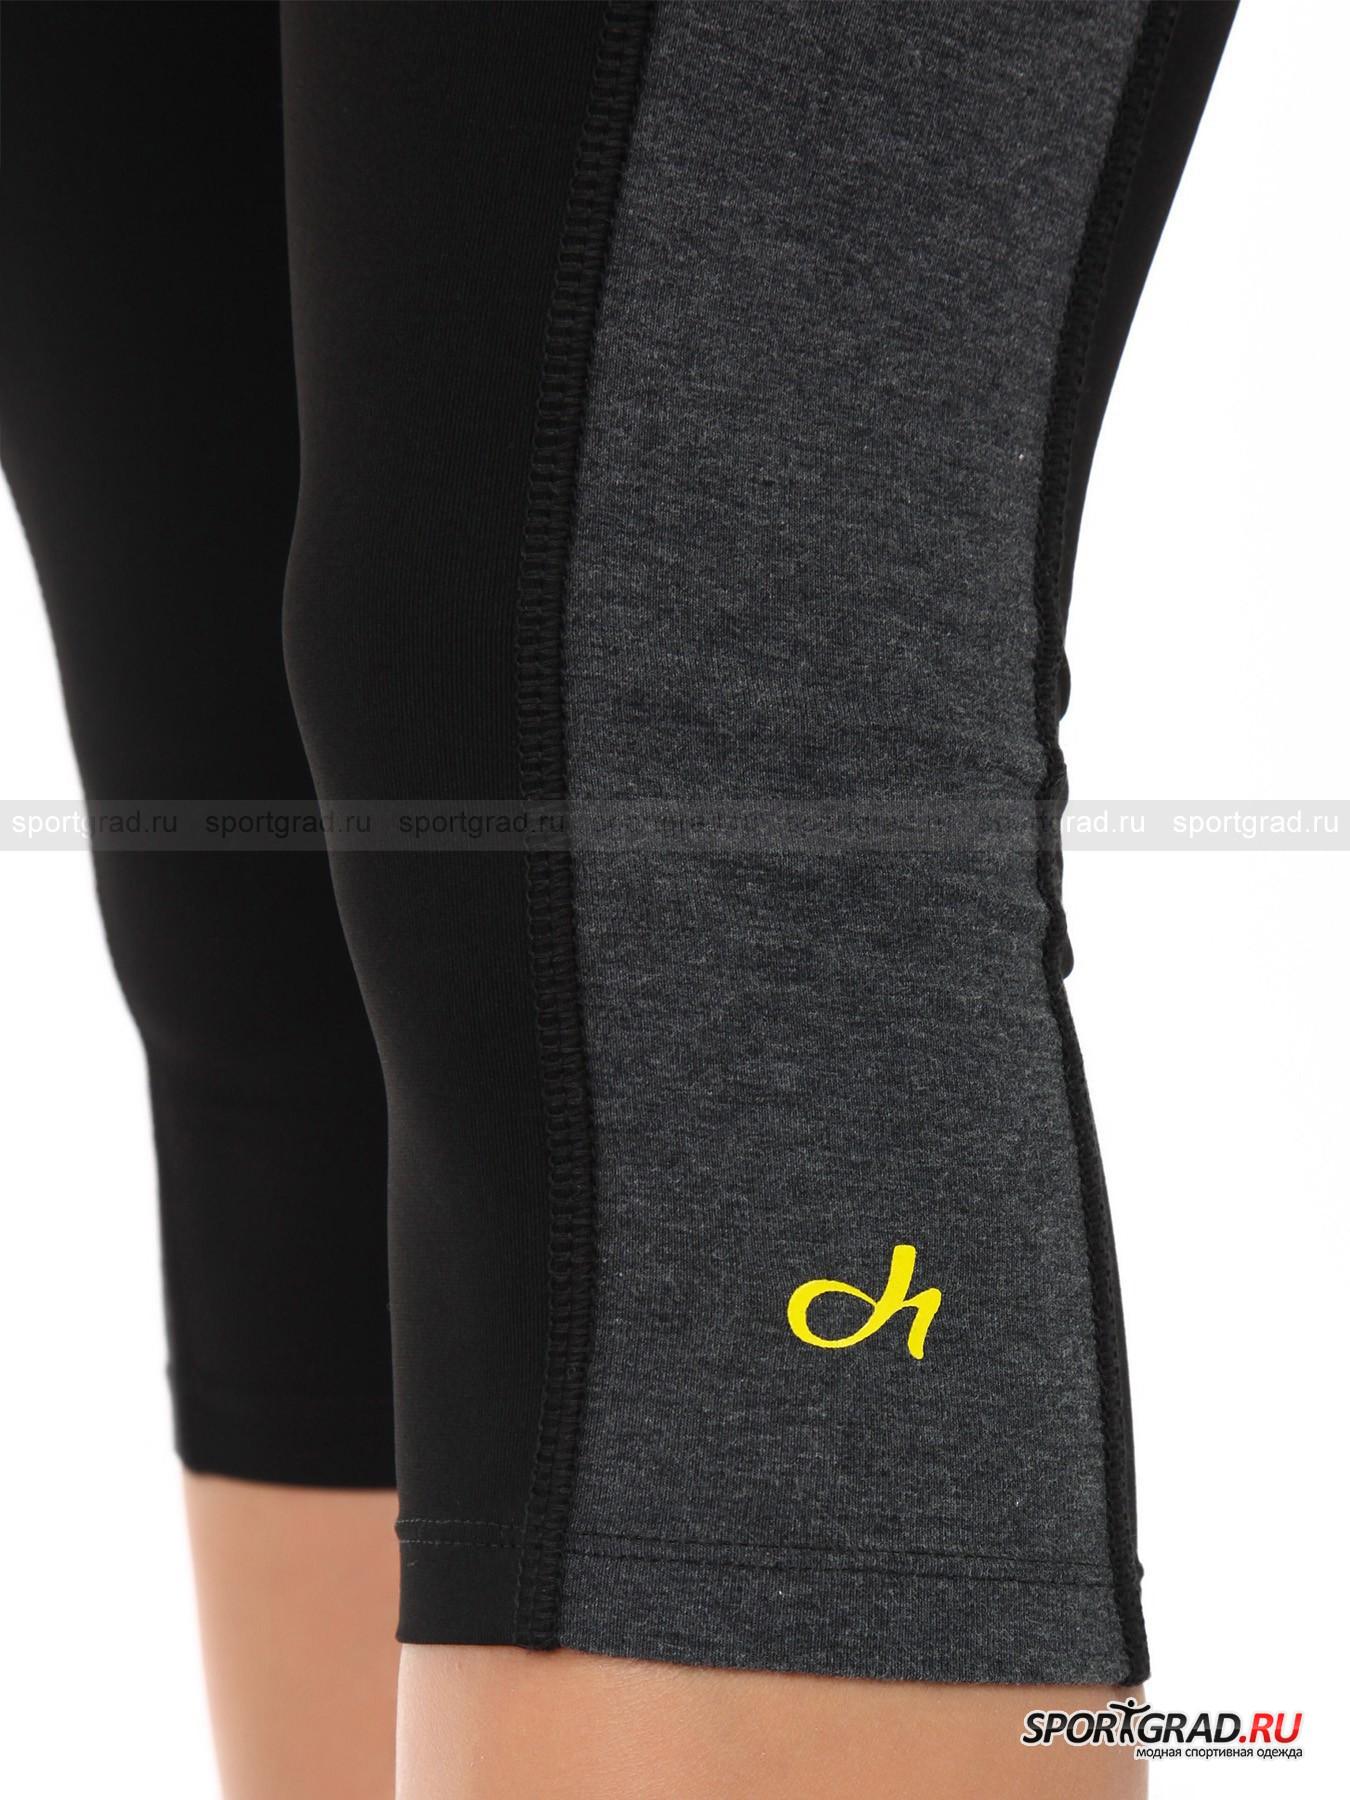 Леггинсы укороченные для фитнеса Capri Pants DEHA от Спортград